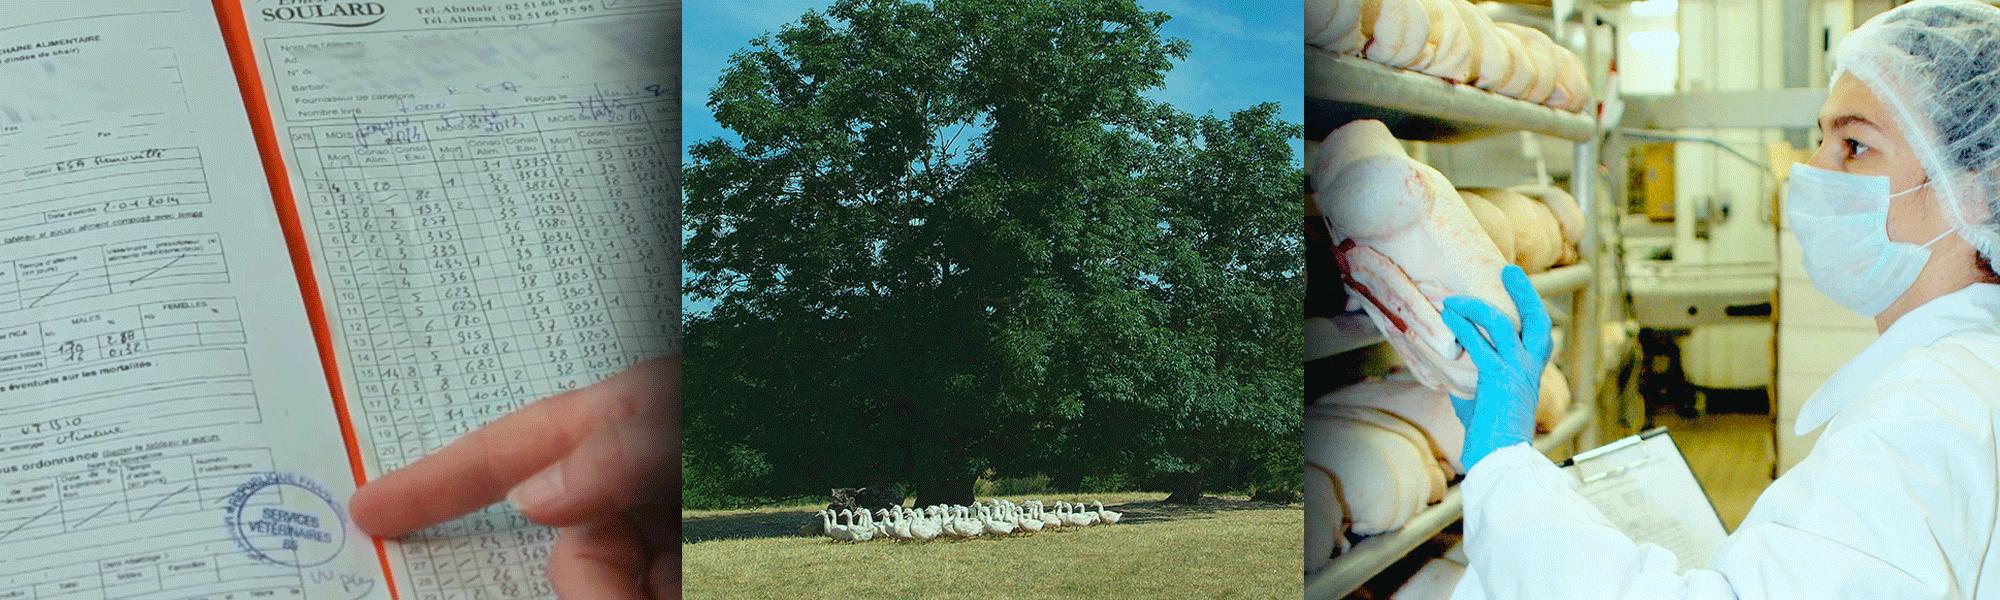 D marche qualit et engagements canard soulard - Comment cuisiner le canard entier ...